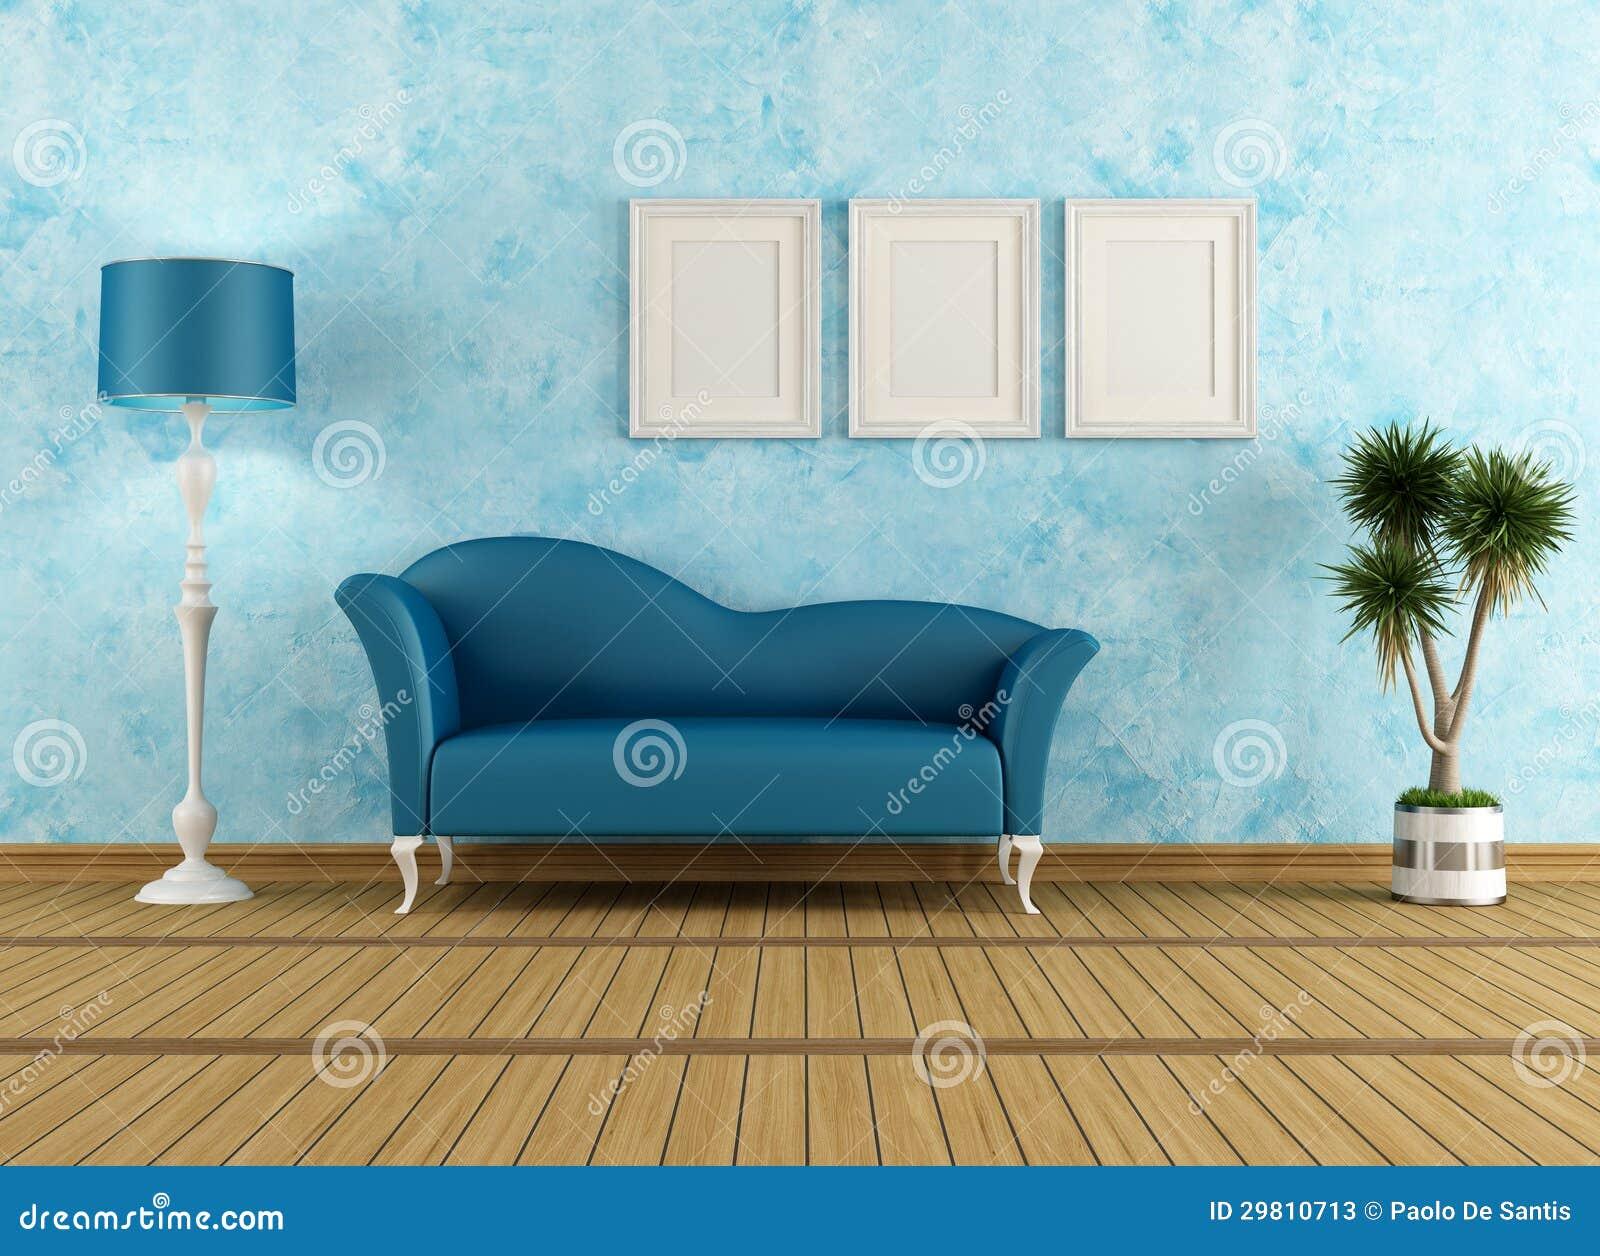 Blaues wohnzimmer stockfotos bild 29810713 - Blaues wohnzimmer ...